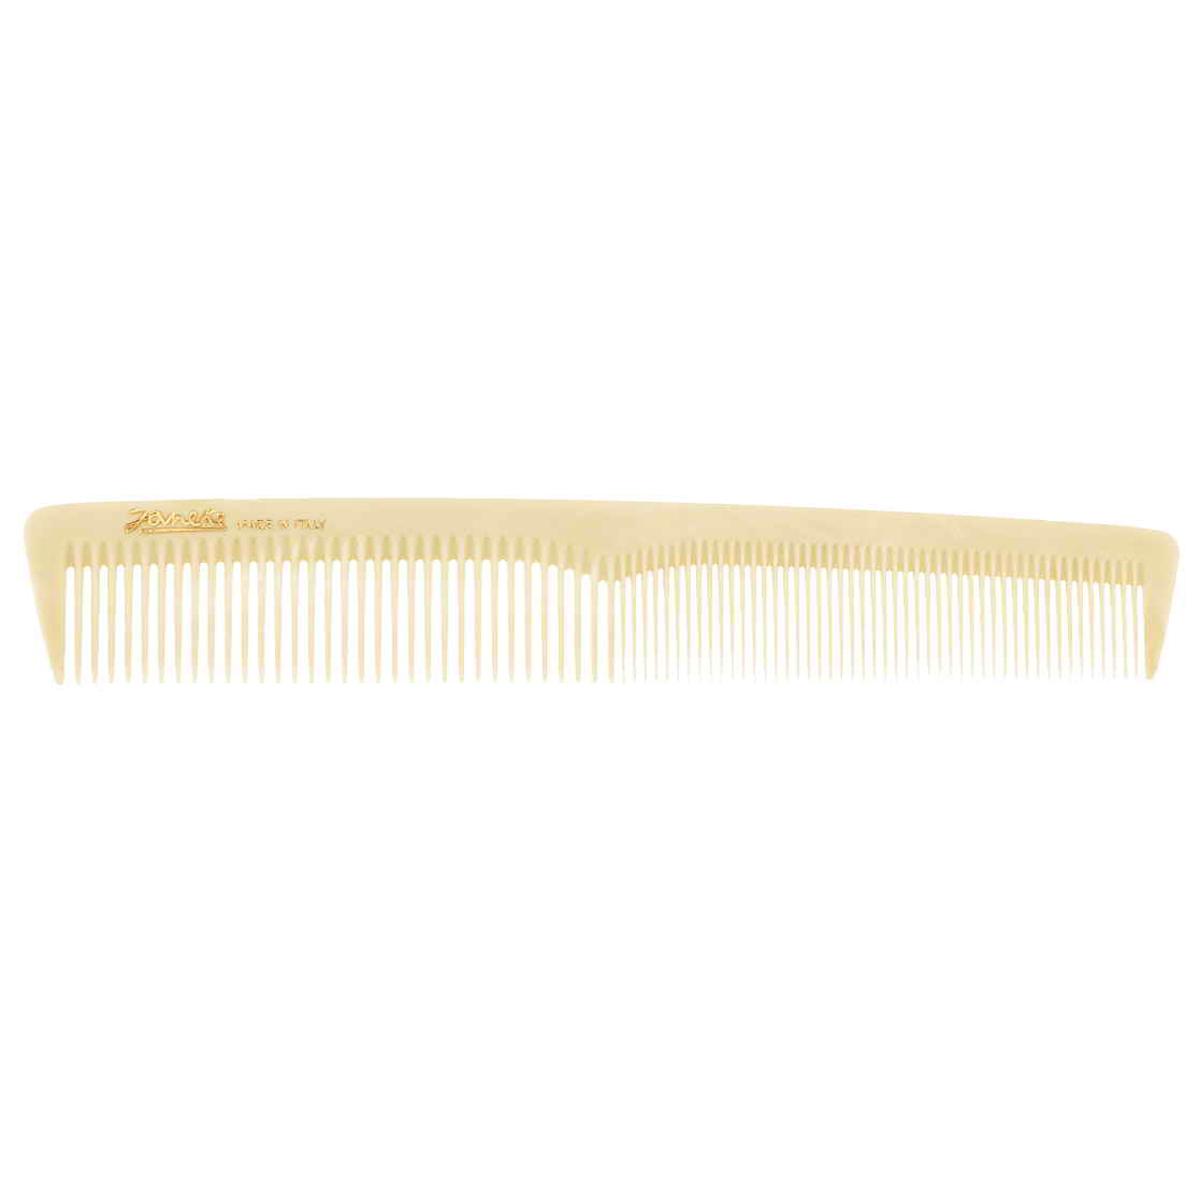 Janeke Расческа для волос. 74804MP59.4DМарка Janeke – мировой лидер по производству расчесок, щеток, маникюрных принадлежностей, зеркал и косметичек. Марка Janeke, основанная в 1830 году, вот уже почти 180 лет поддерживает непревзойденное качество своей продукции, сочетая новейшие технологии с традициями ста- рых миланских мастеров. Все изделия на 80% производятся вручную, а инновационные технологии и современные материалы делают продукцию марки поистине уникальной. Стильный и эргономичный дизайн, яркие цветовые решения – все это приносит истин- ное удовольствие от использования аксессуаров Janeke. Пластиковая линия из высококачественного сырья, большое разнообразие моделей и цветов, кончик расчески специально закруглен, чтобы предотвратить разрыв волоса